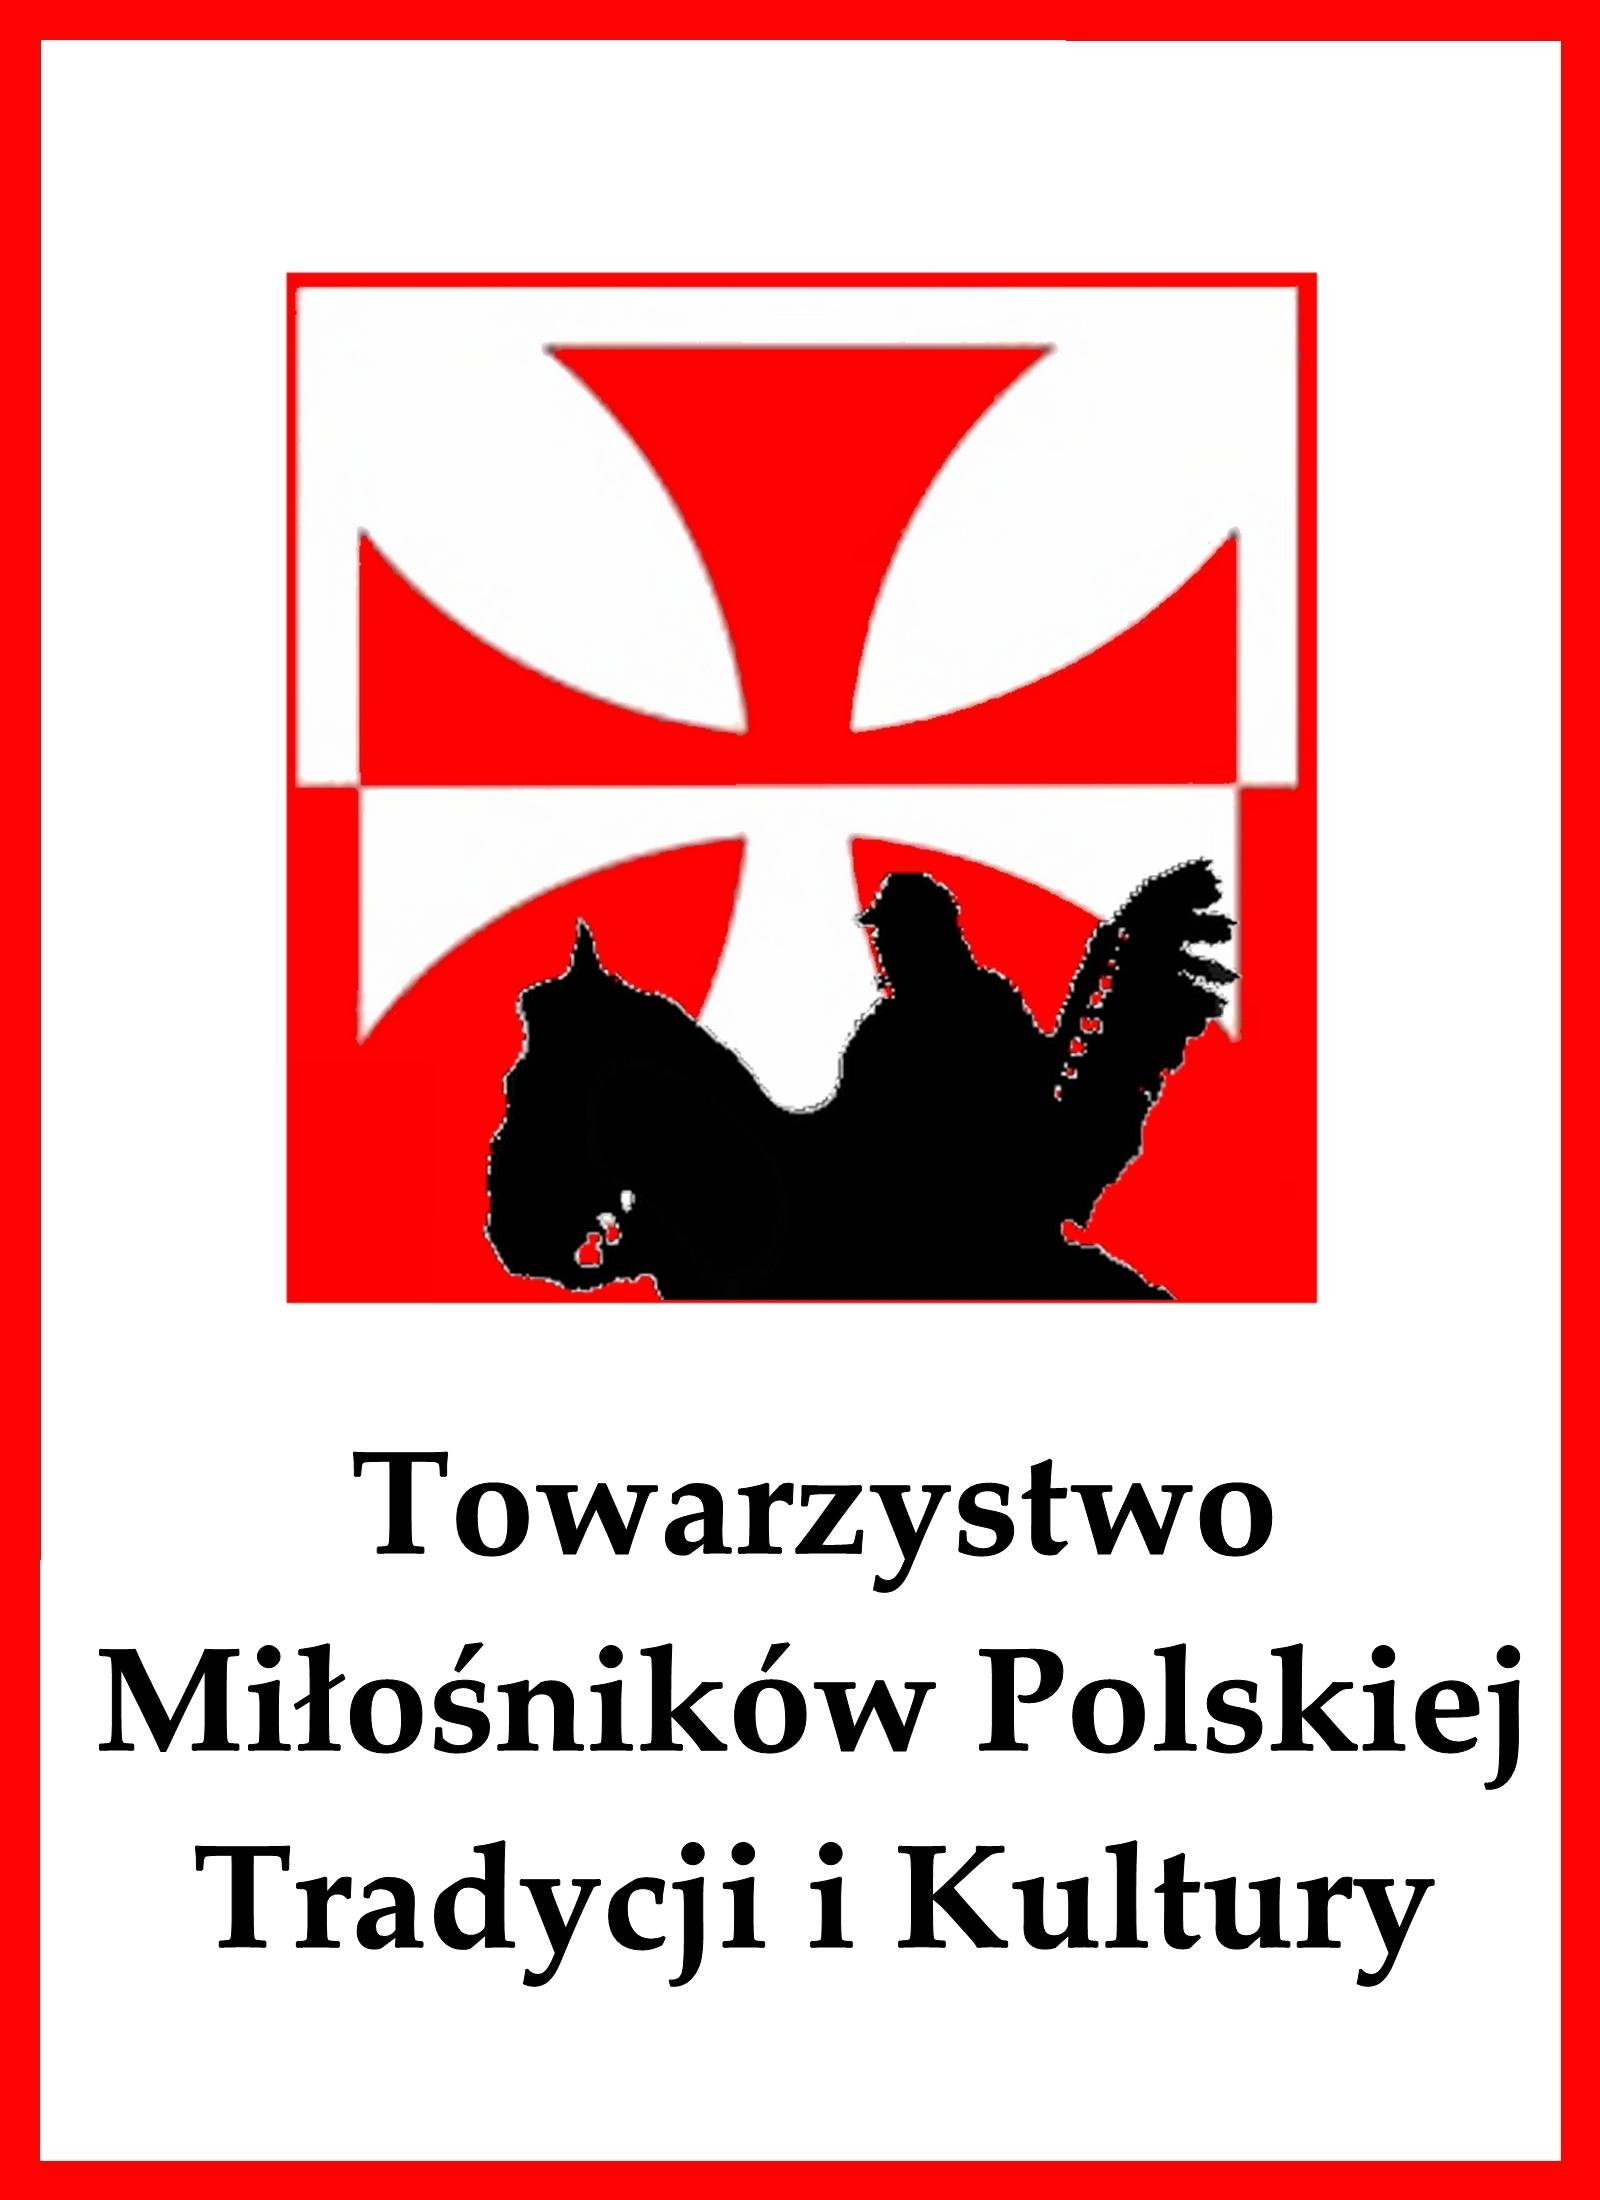 Najważniejsze wydarzenia  Towarzystwa Miłośników Polskiej Tradycji i Kultury  w 2020 roku